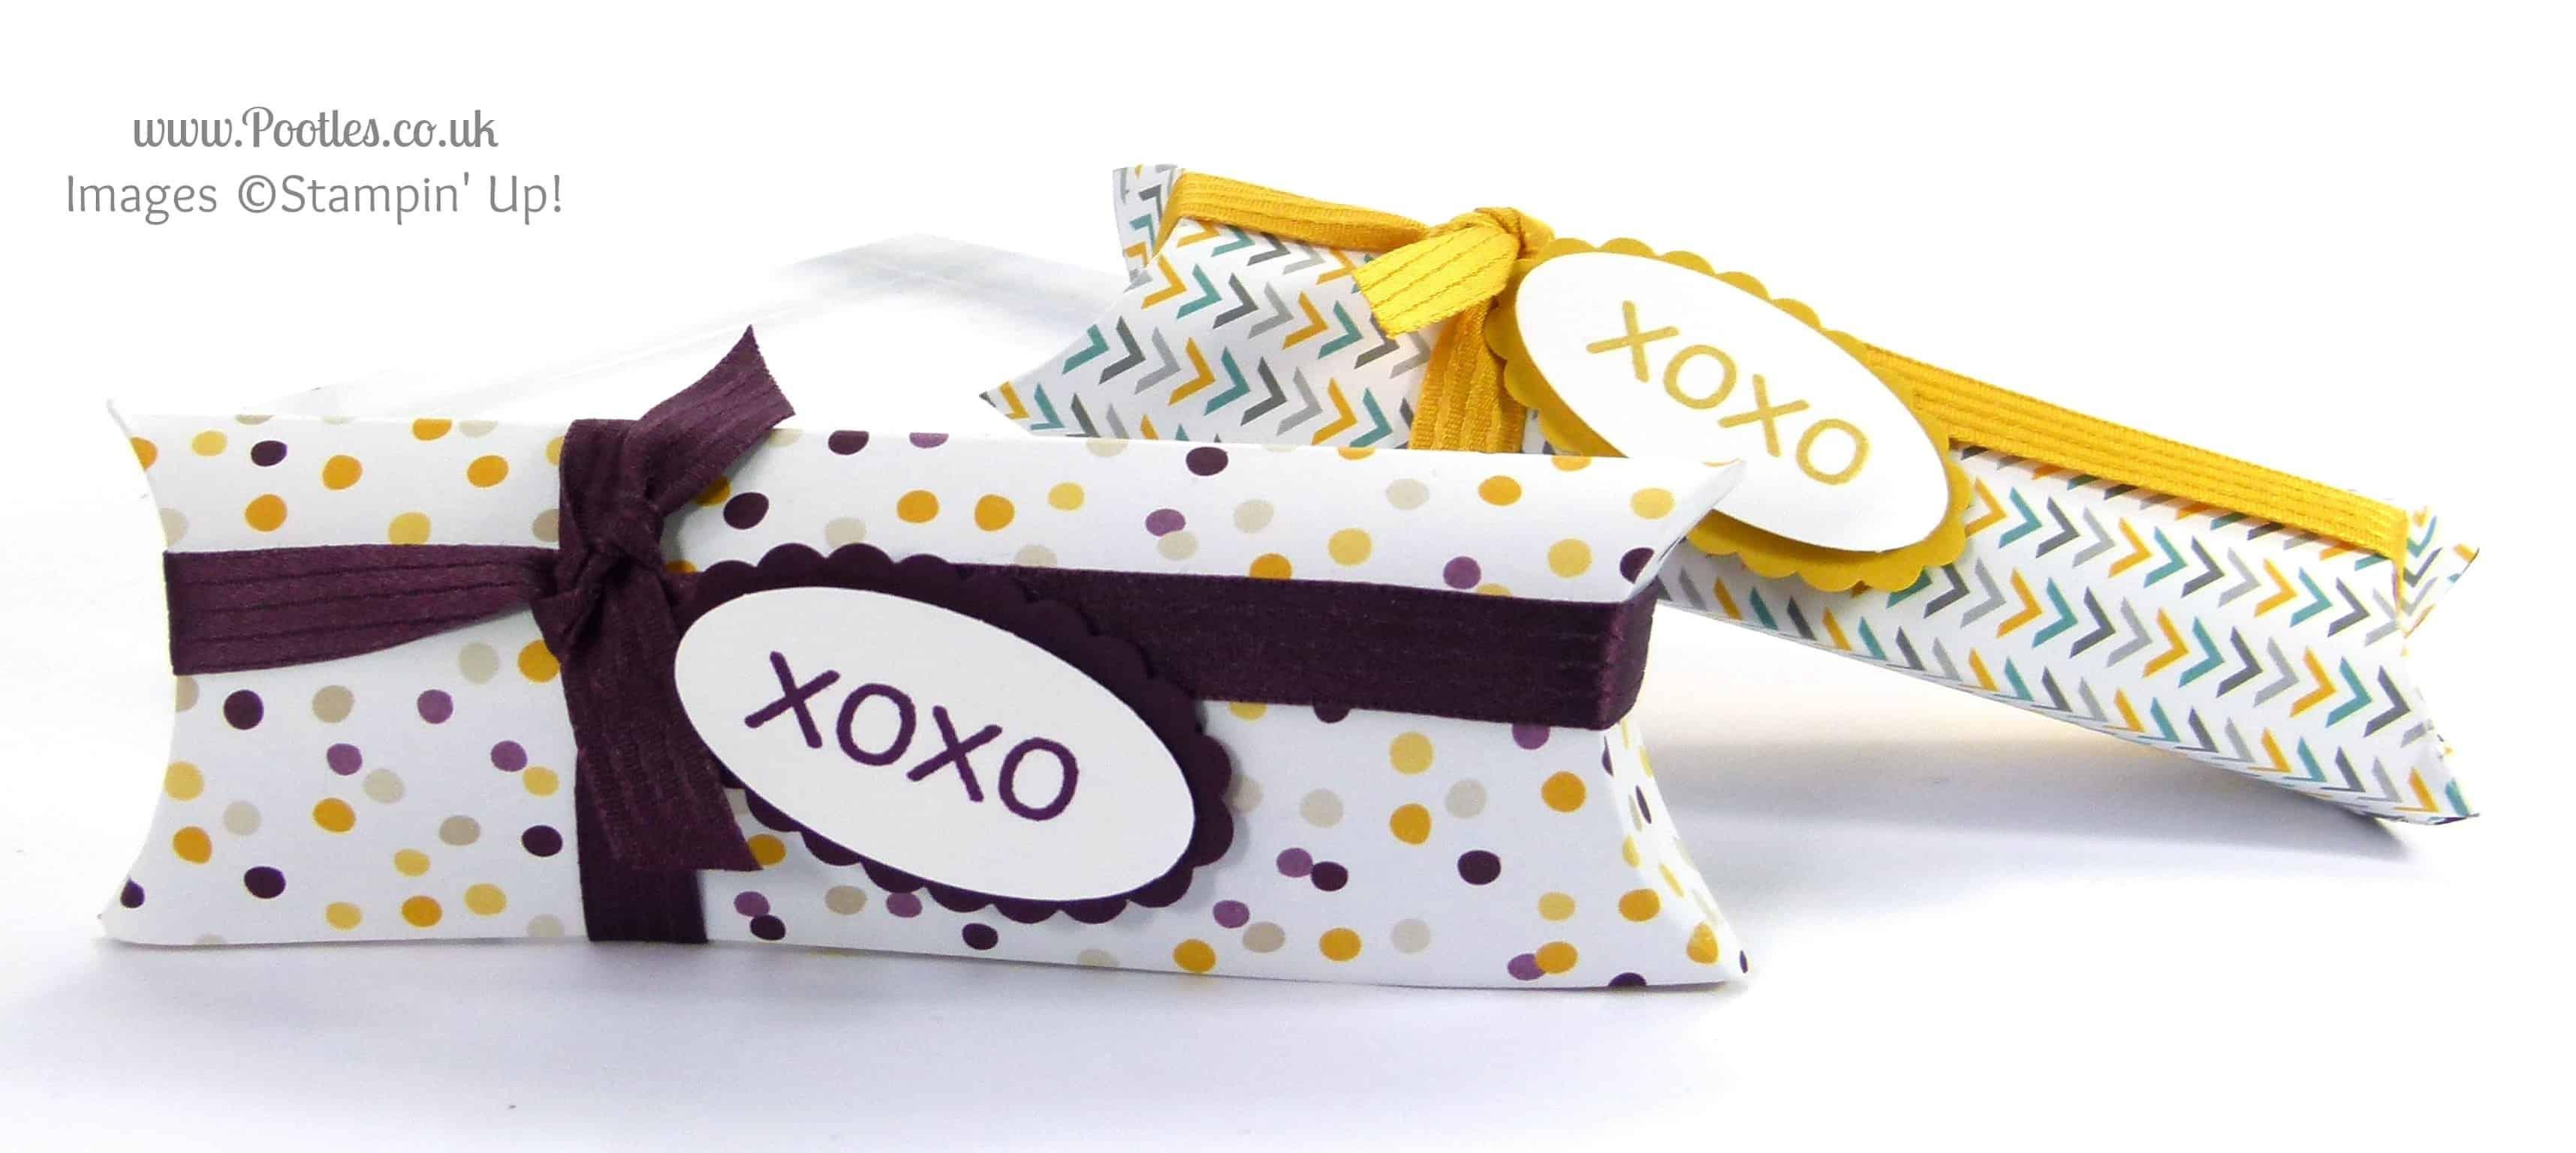 Stampin Up UK Demonstrator Pootles - Pillow Box using DSP Stacks Tutorial